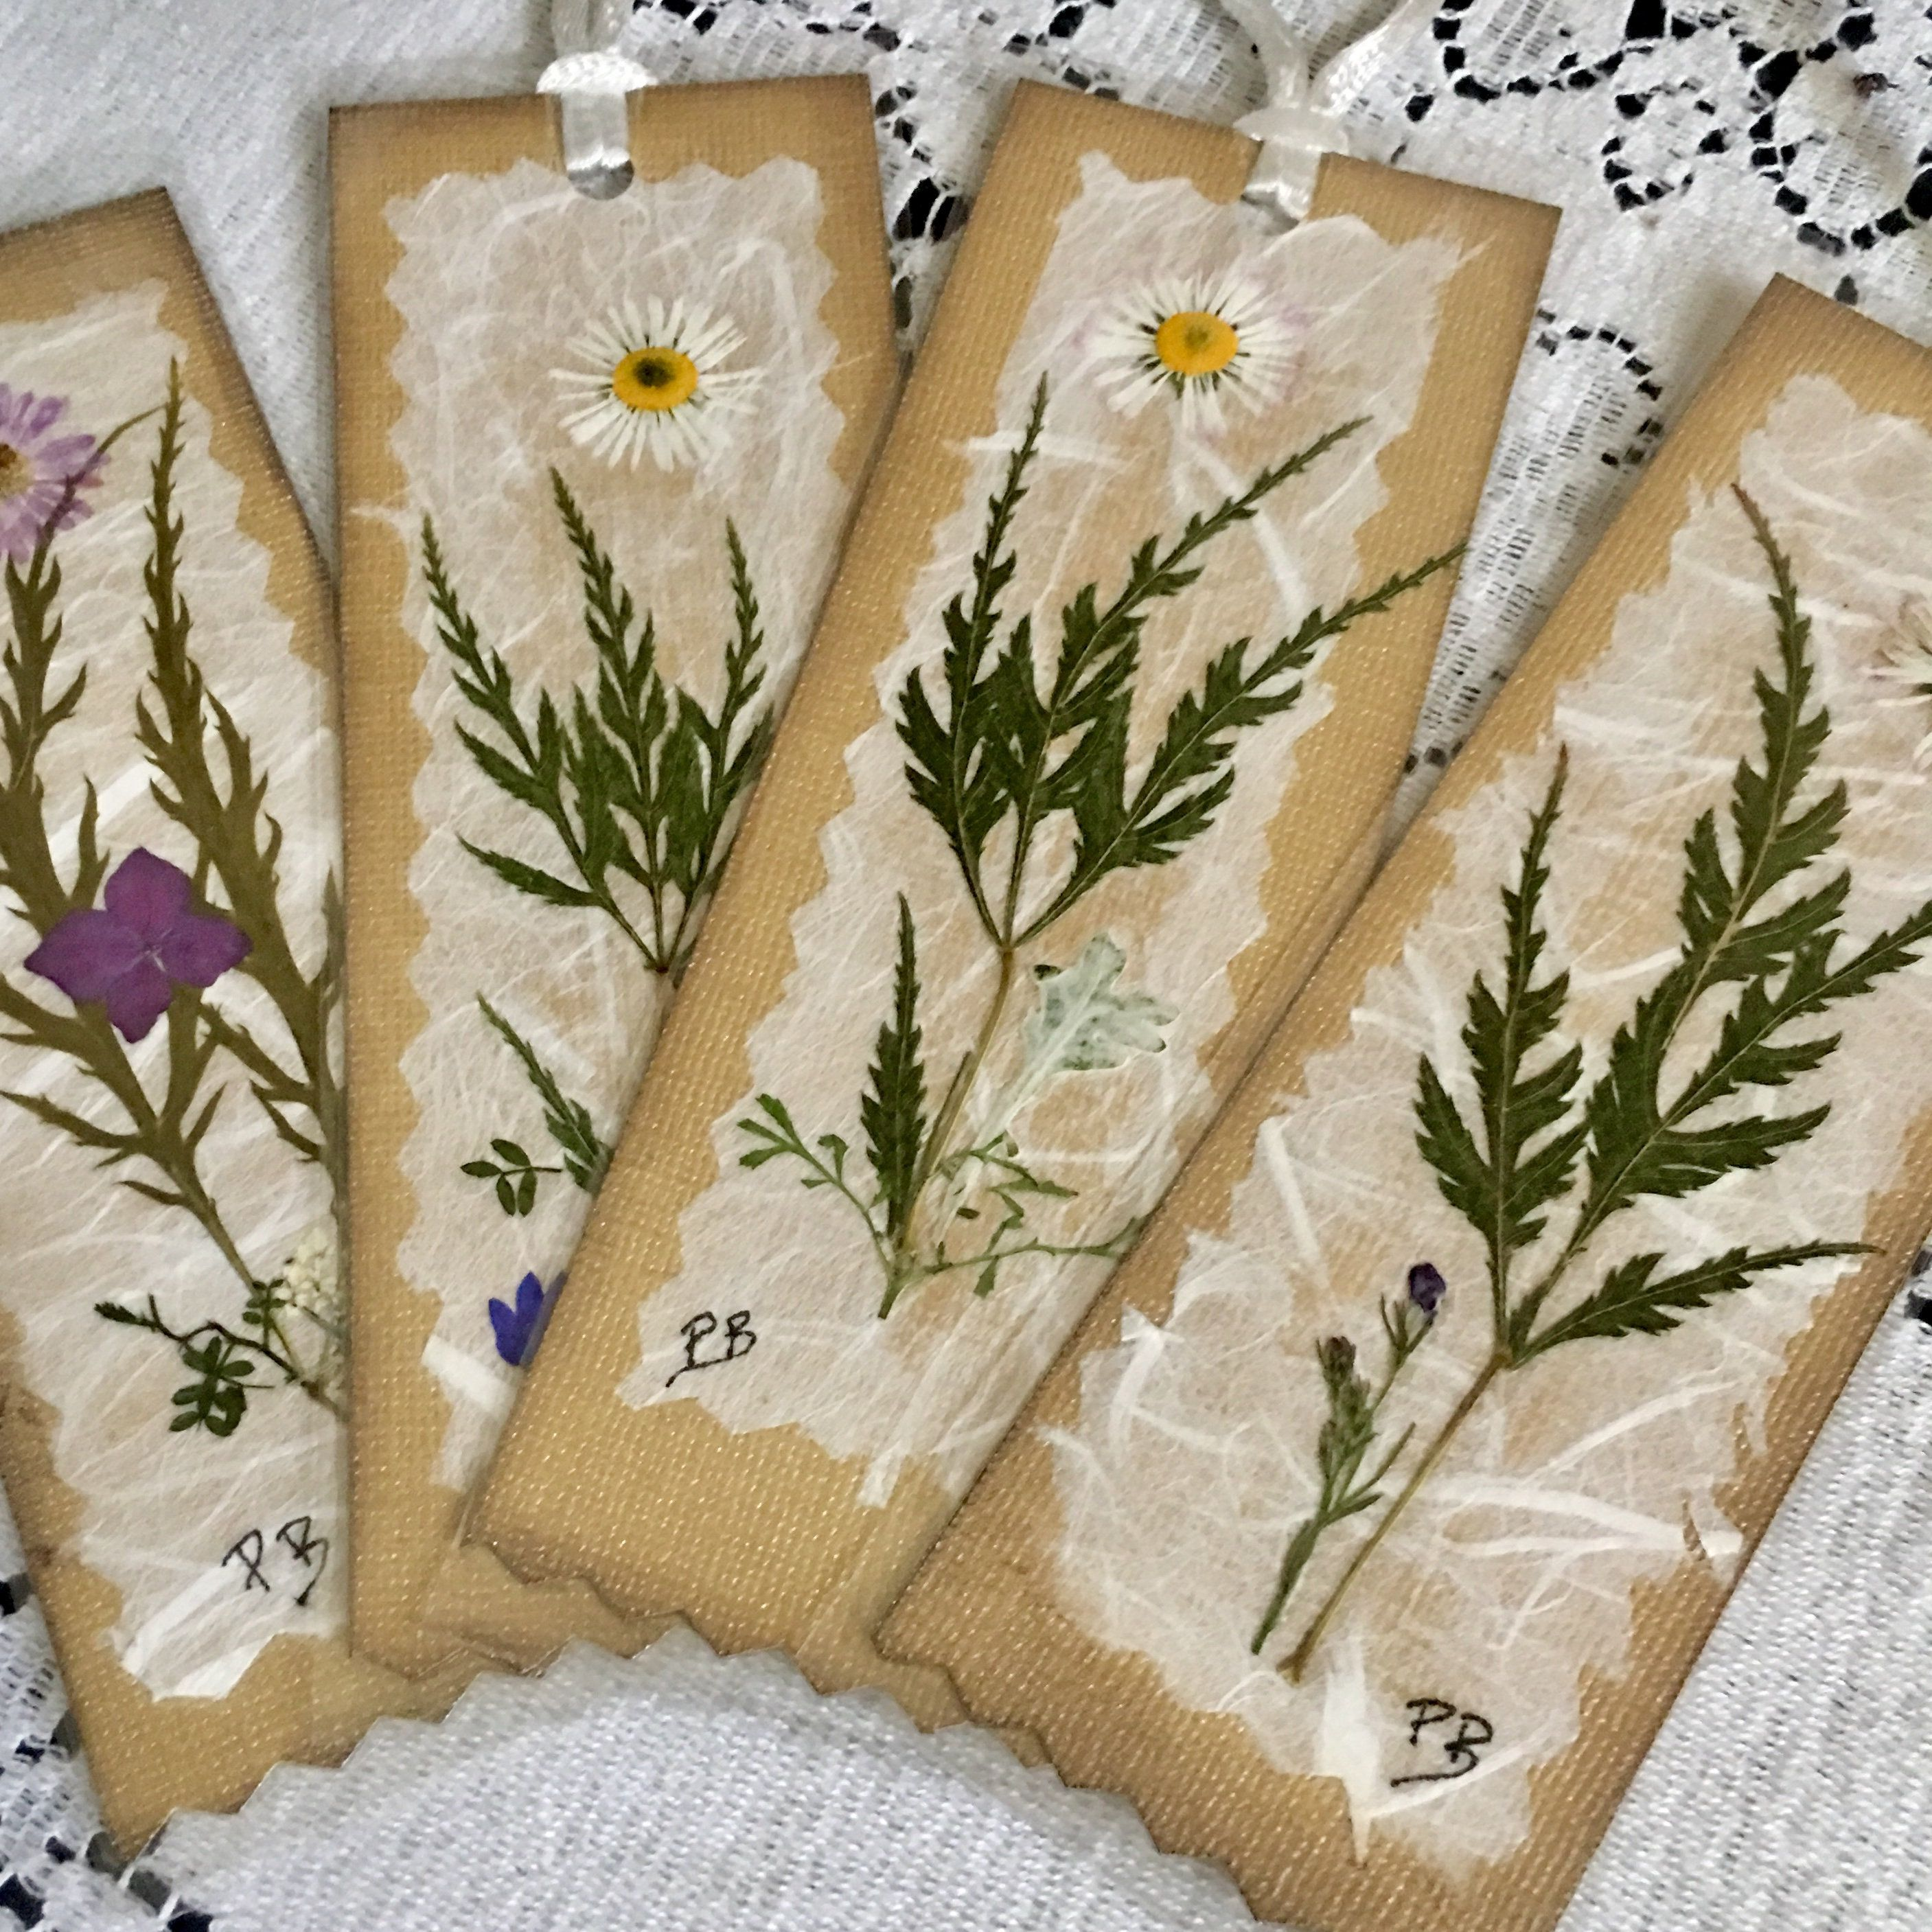 Nature Bookmarks Pressed Flower Bookmarks Set Of 4 Botanical Etsy Bookmarks Handmade Flower Bookmark Pressed Flower Crafts